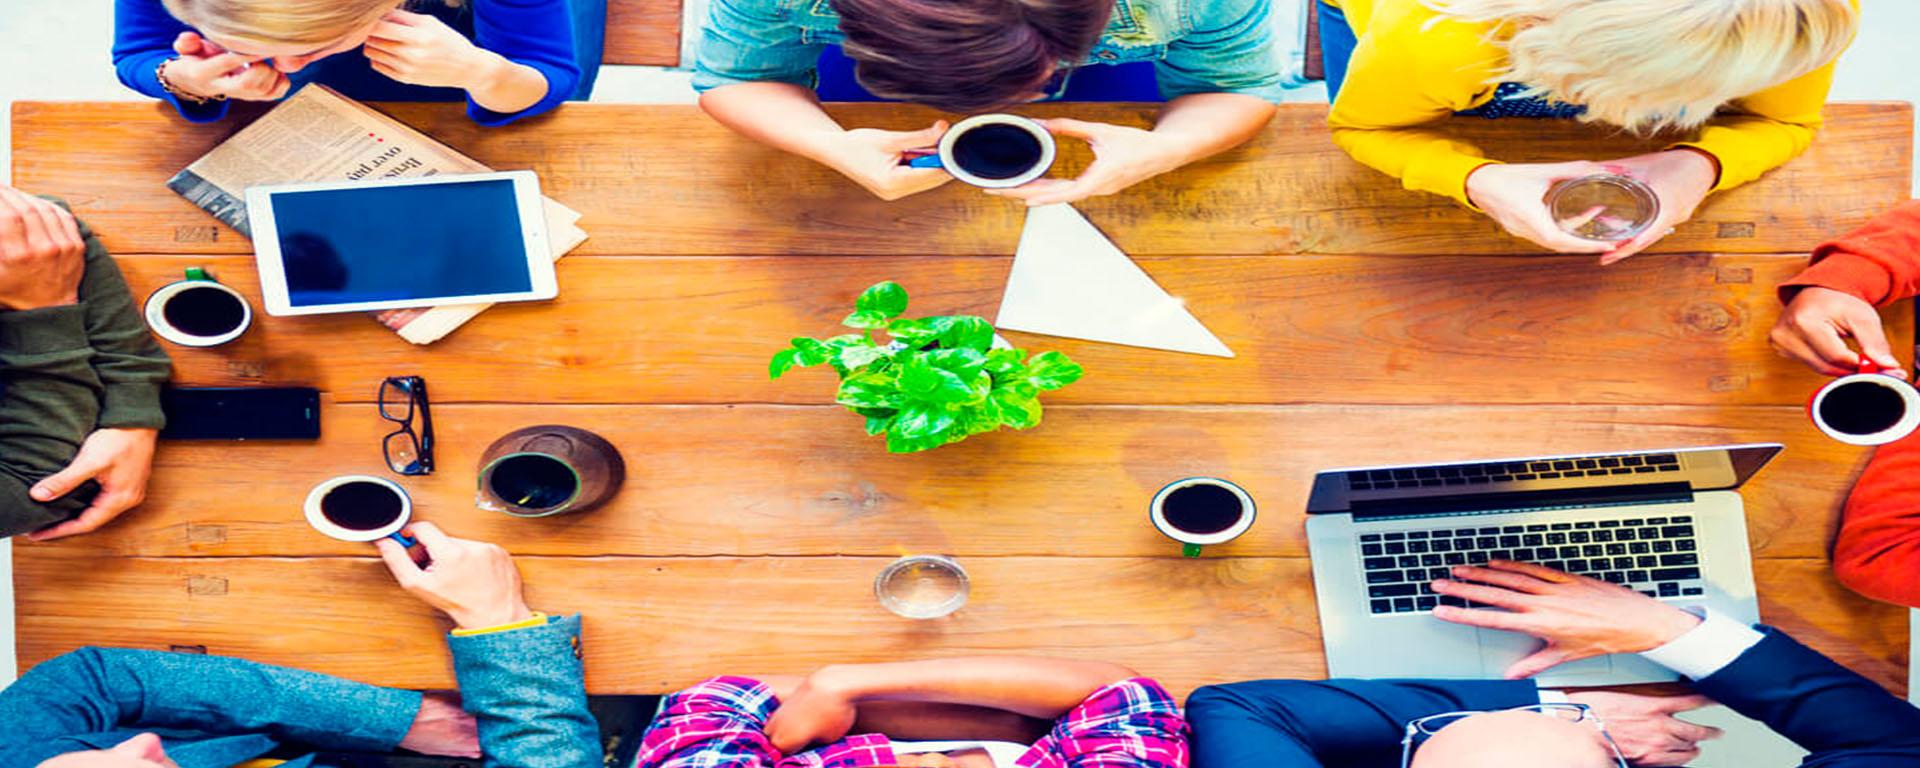 Como melhorar a produtividade da minha equipe de trabalho?